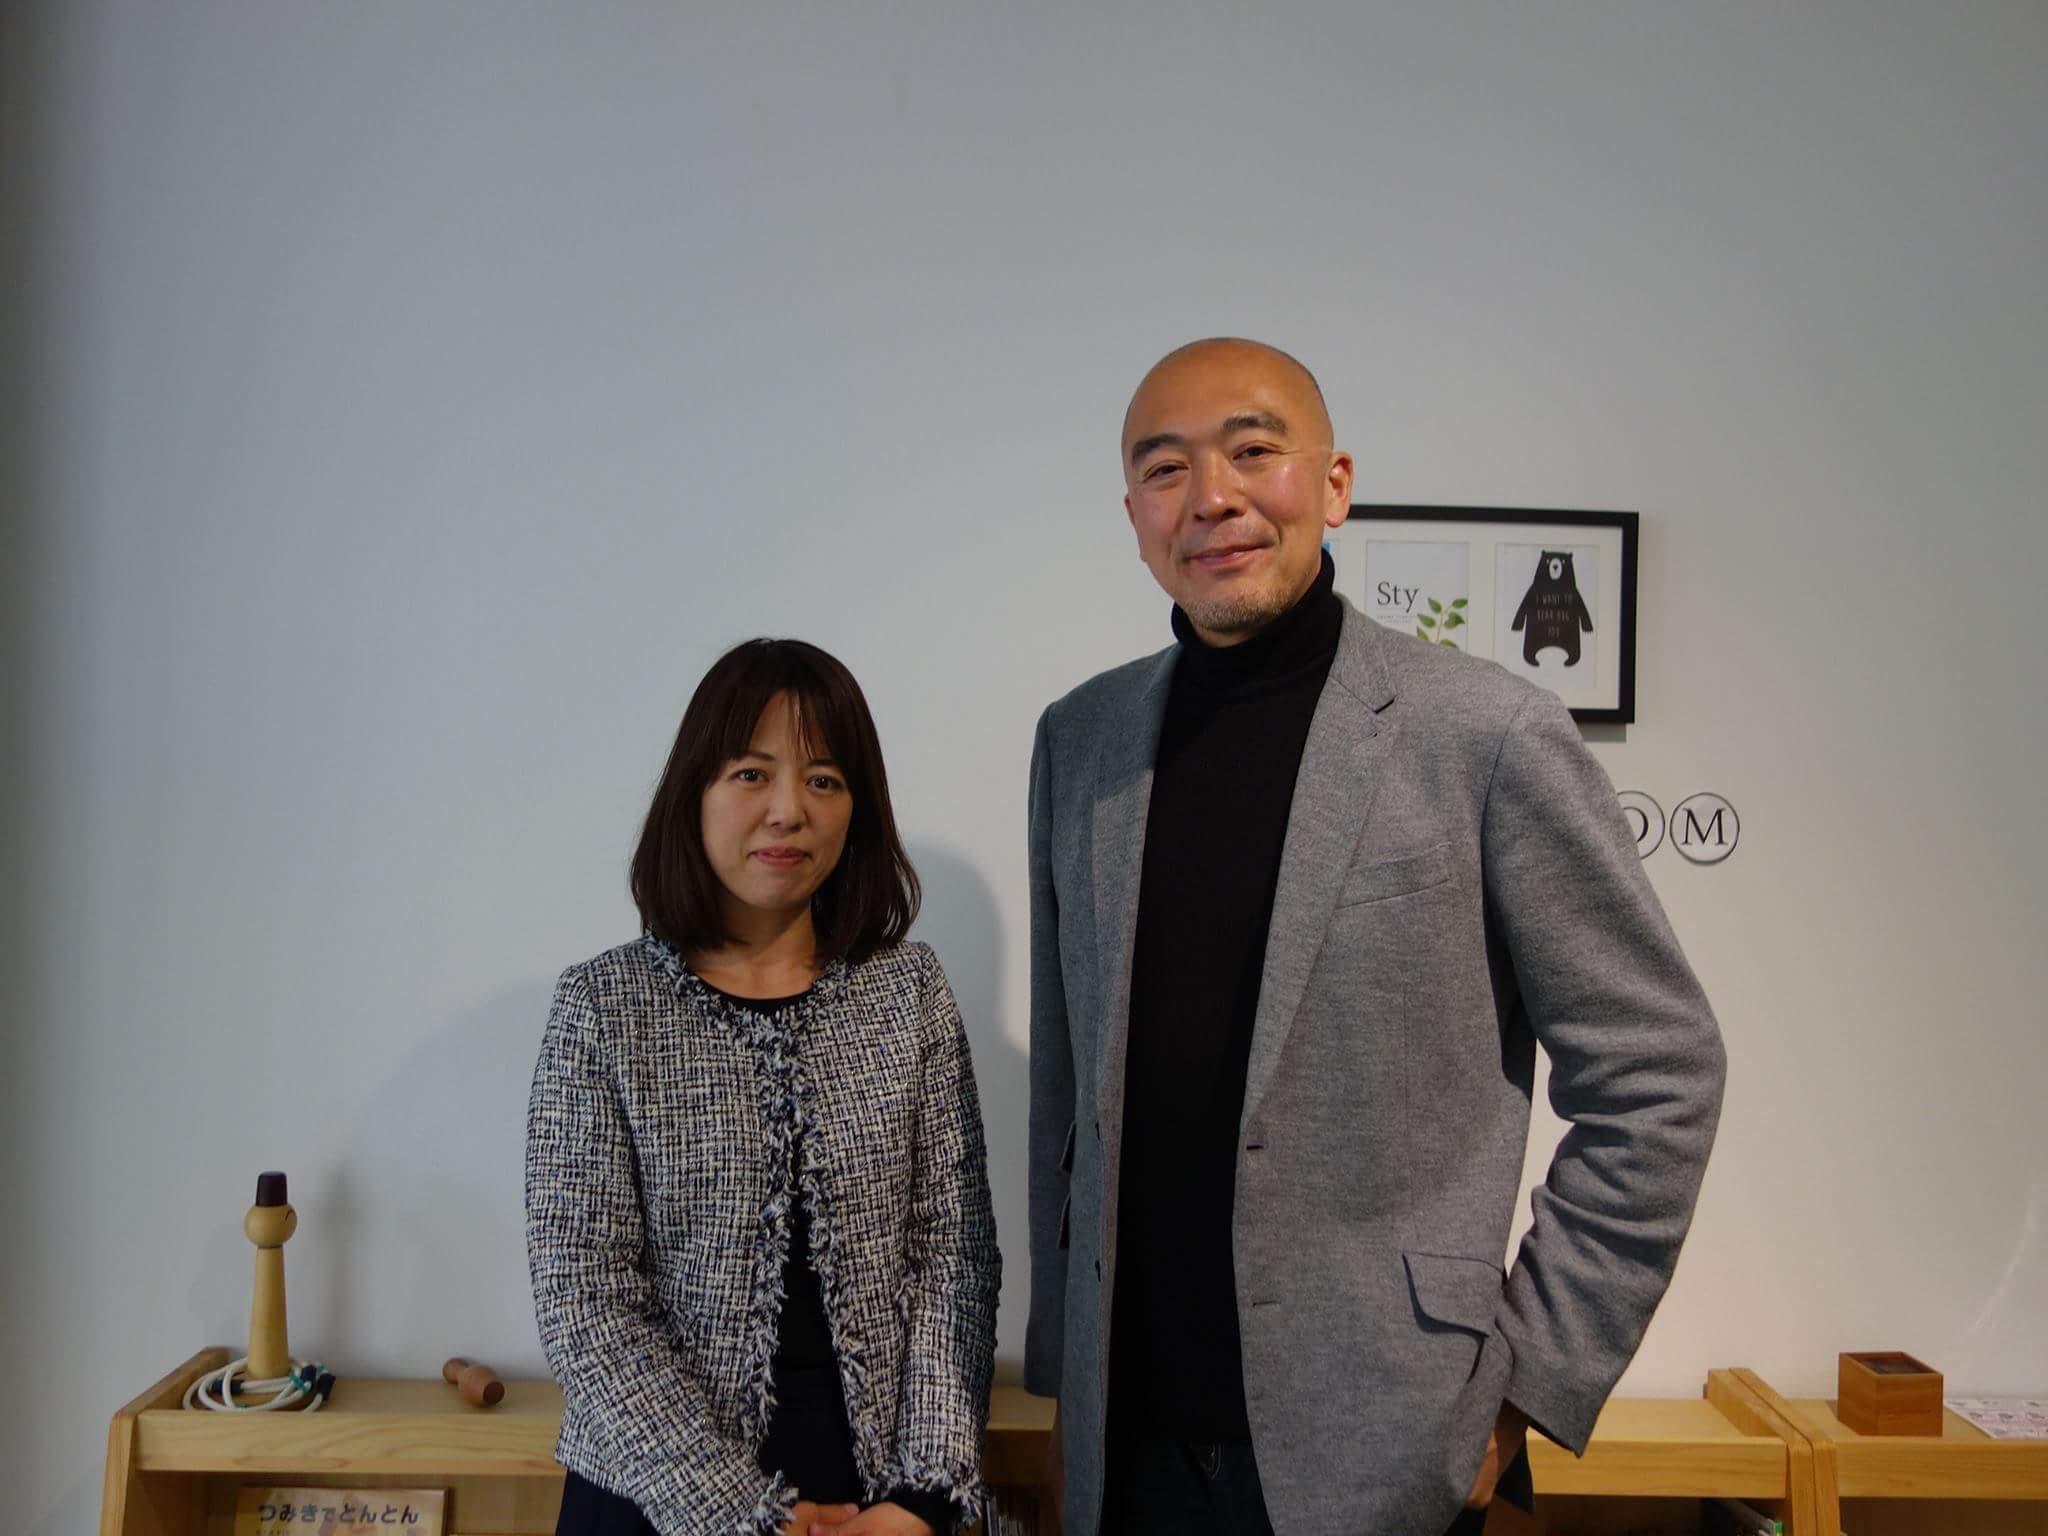 立花岳志氏のブログセミナーを受けました